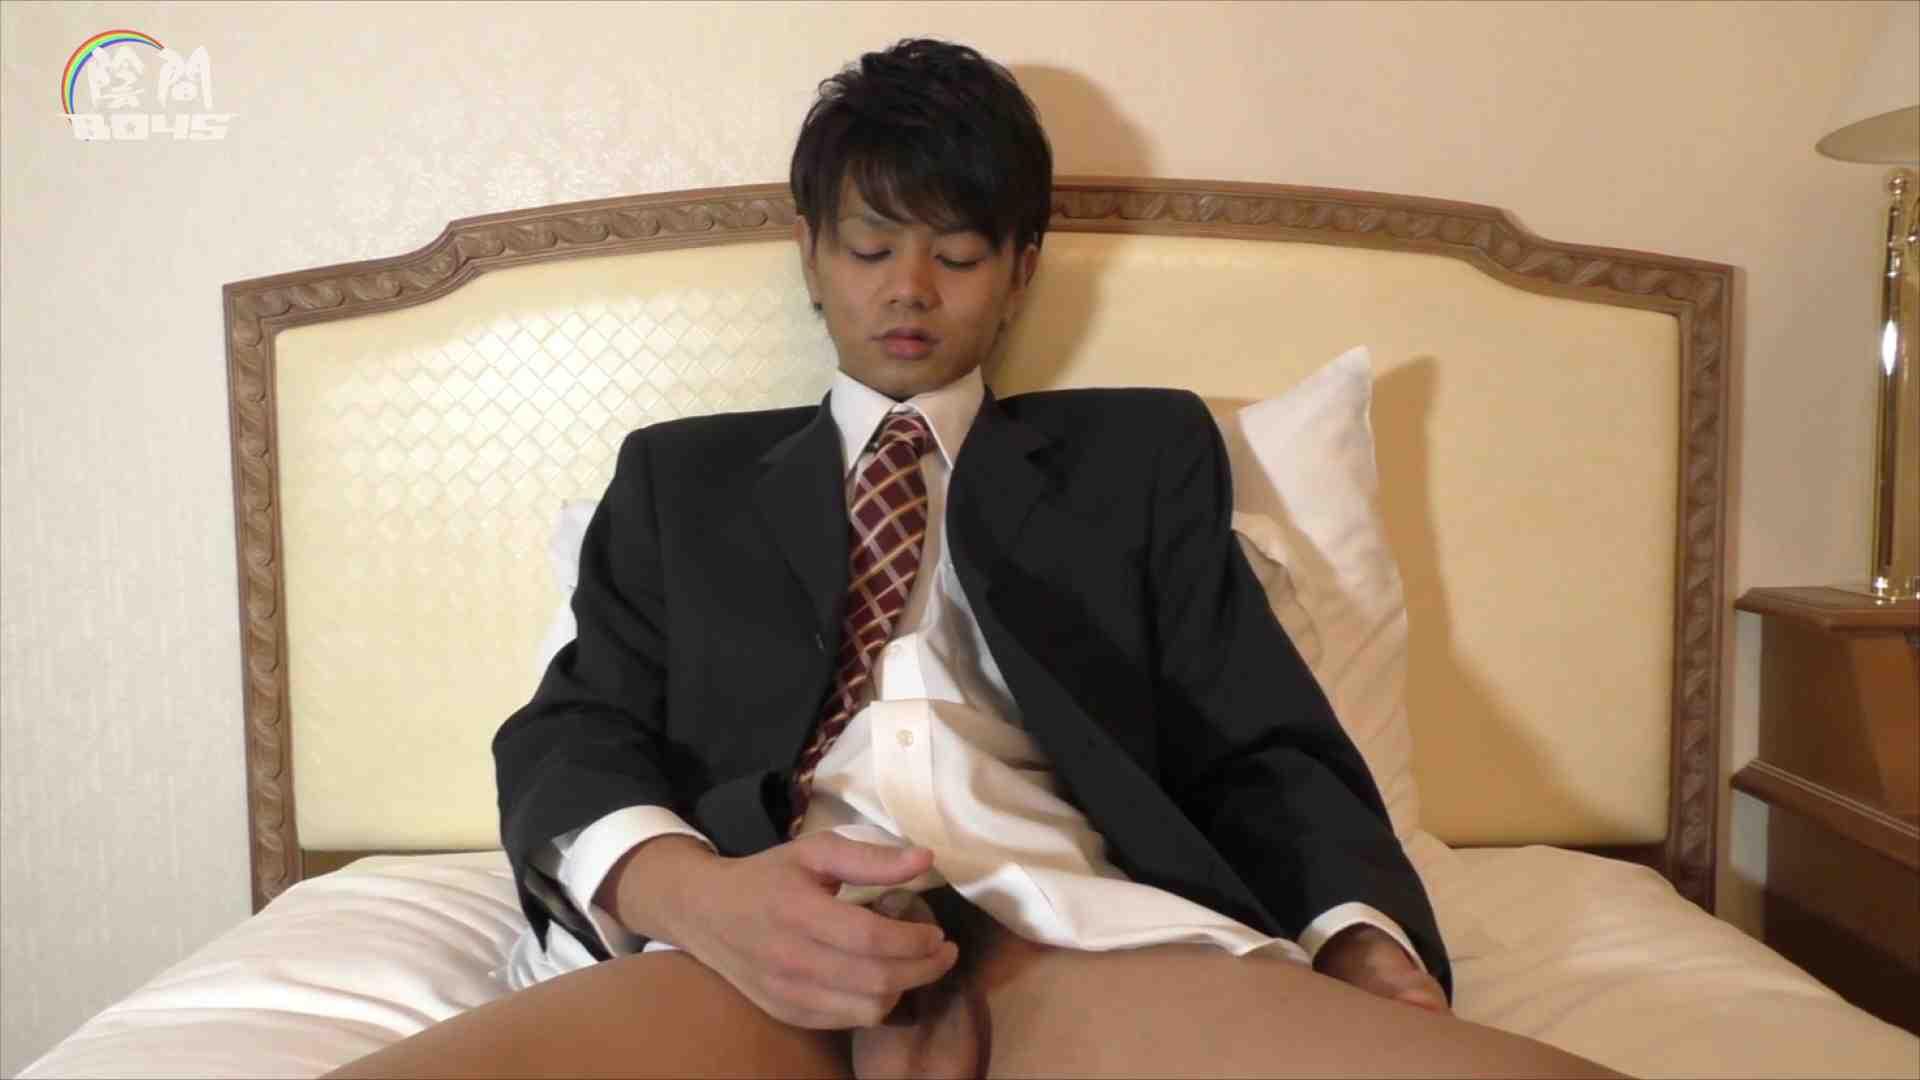 陰間BOYS~キャバクラの仕事はアナルから4 Vol.01 アナル ゲイザーメン画像 82枚 78